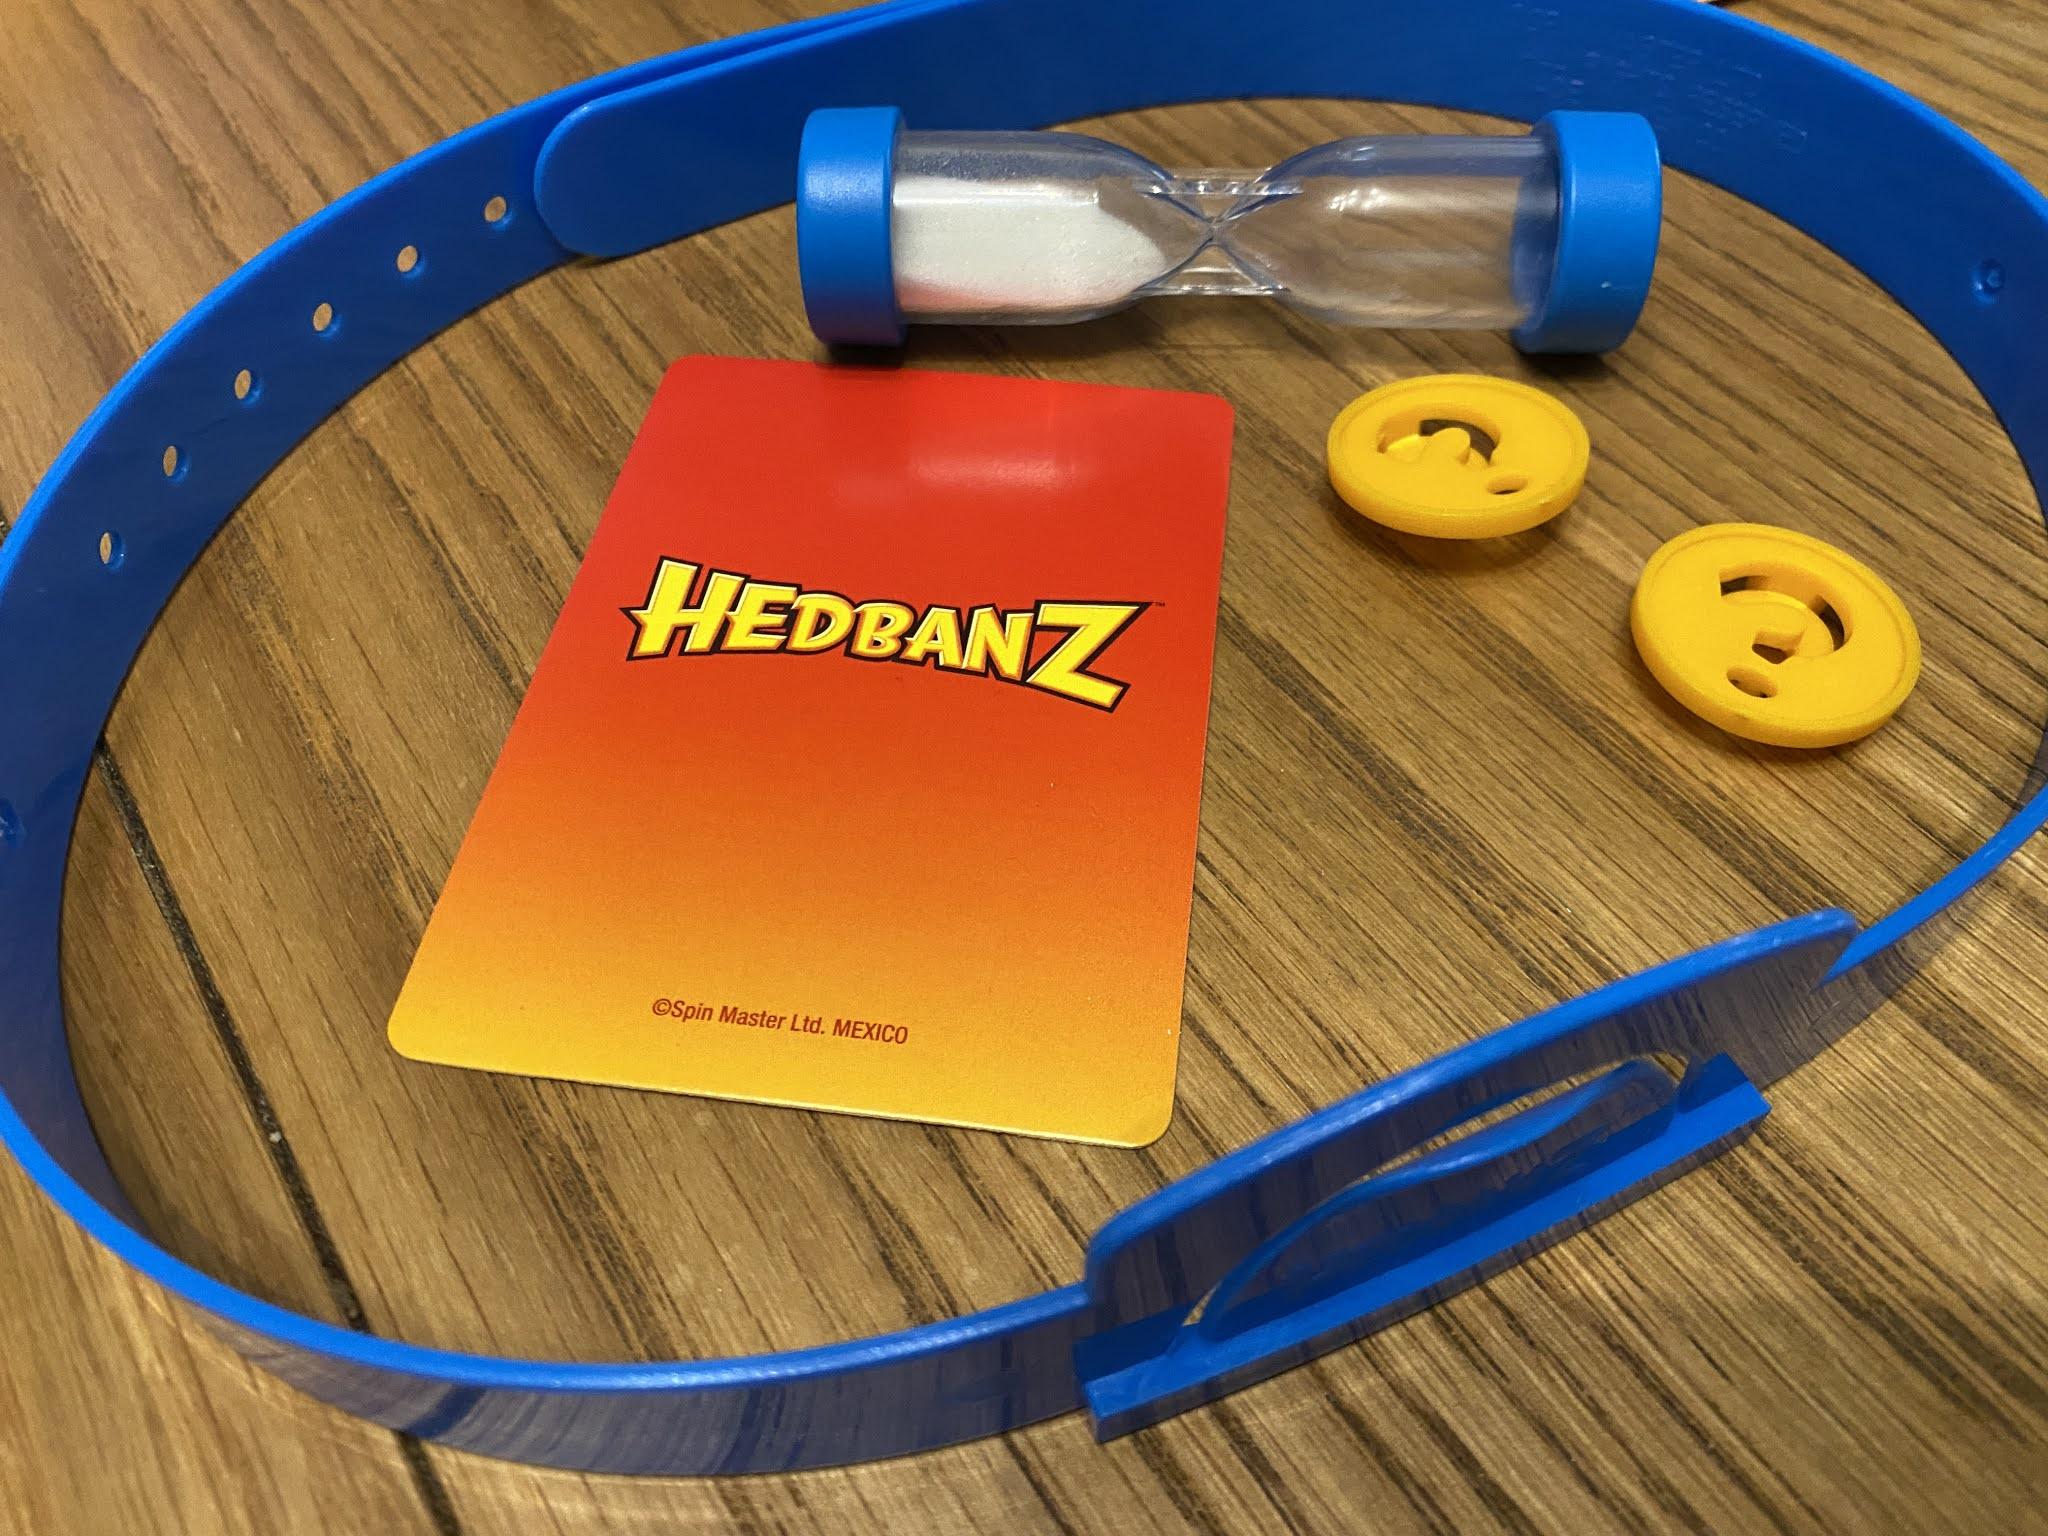 headbanz contents